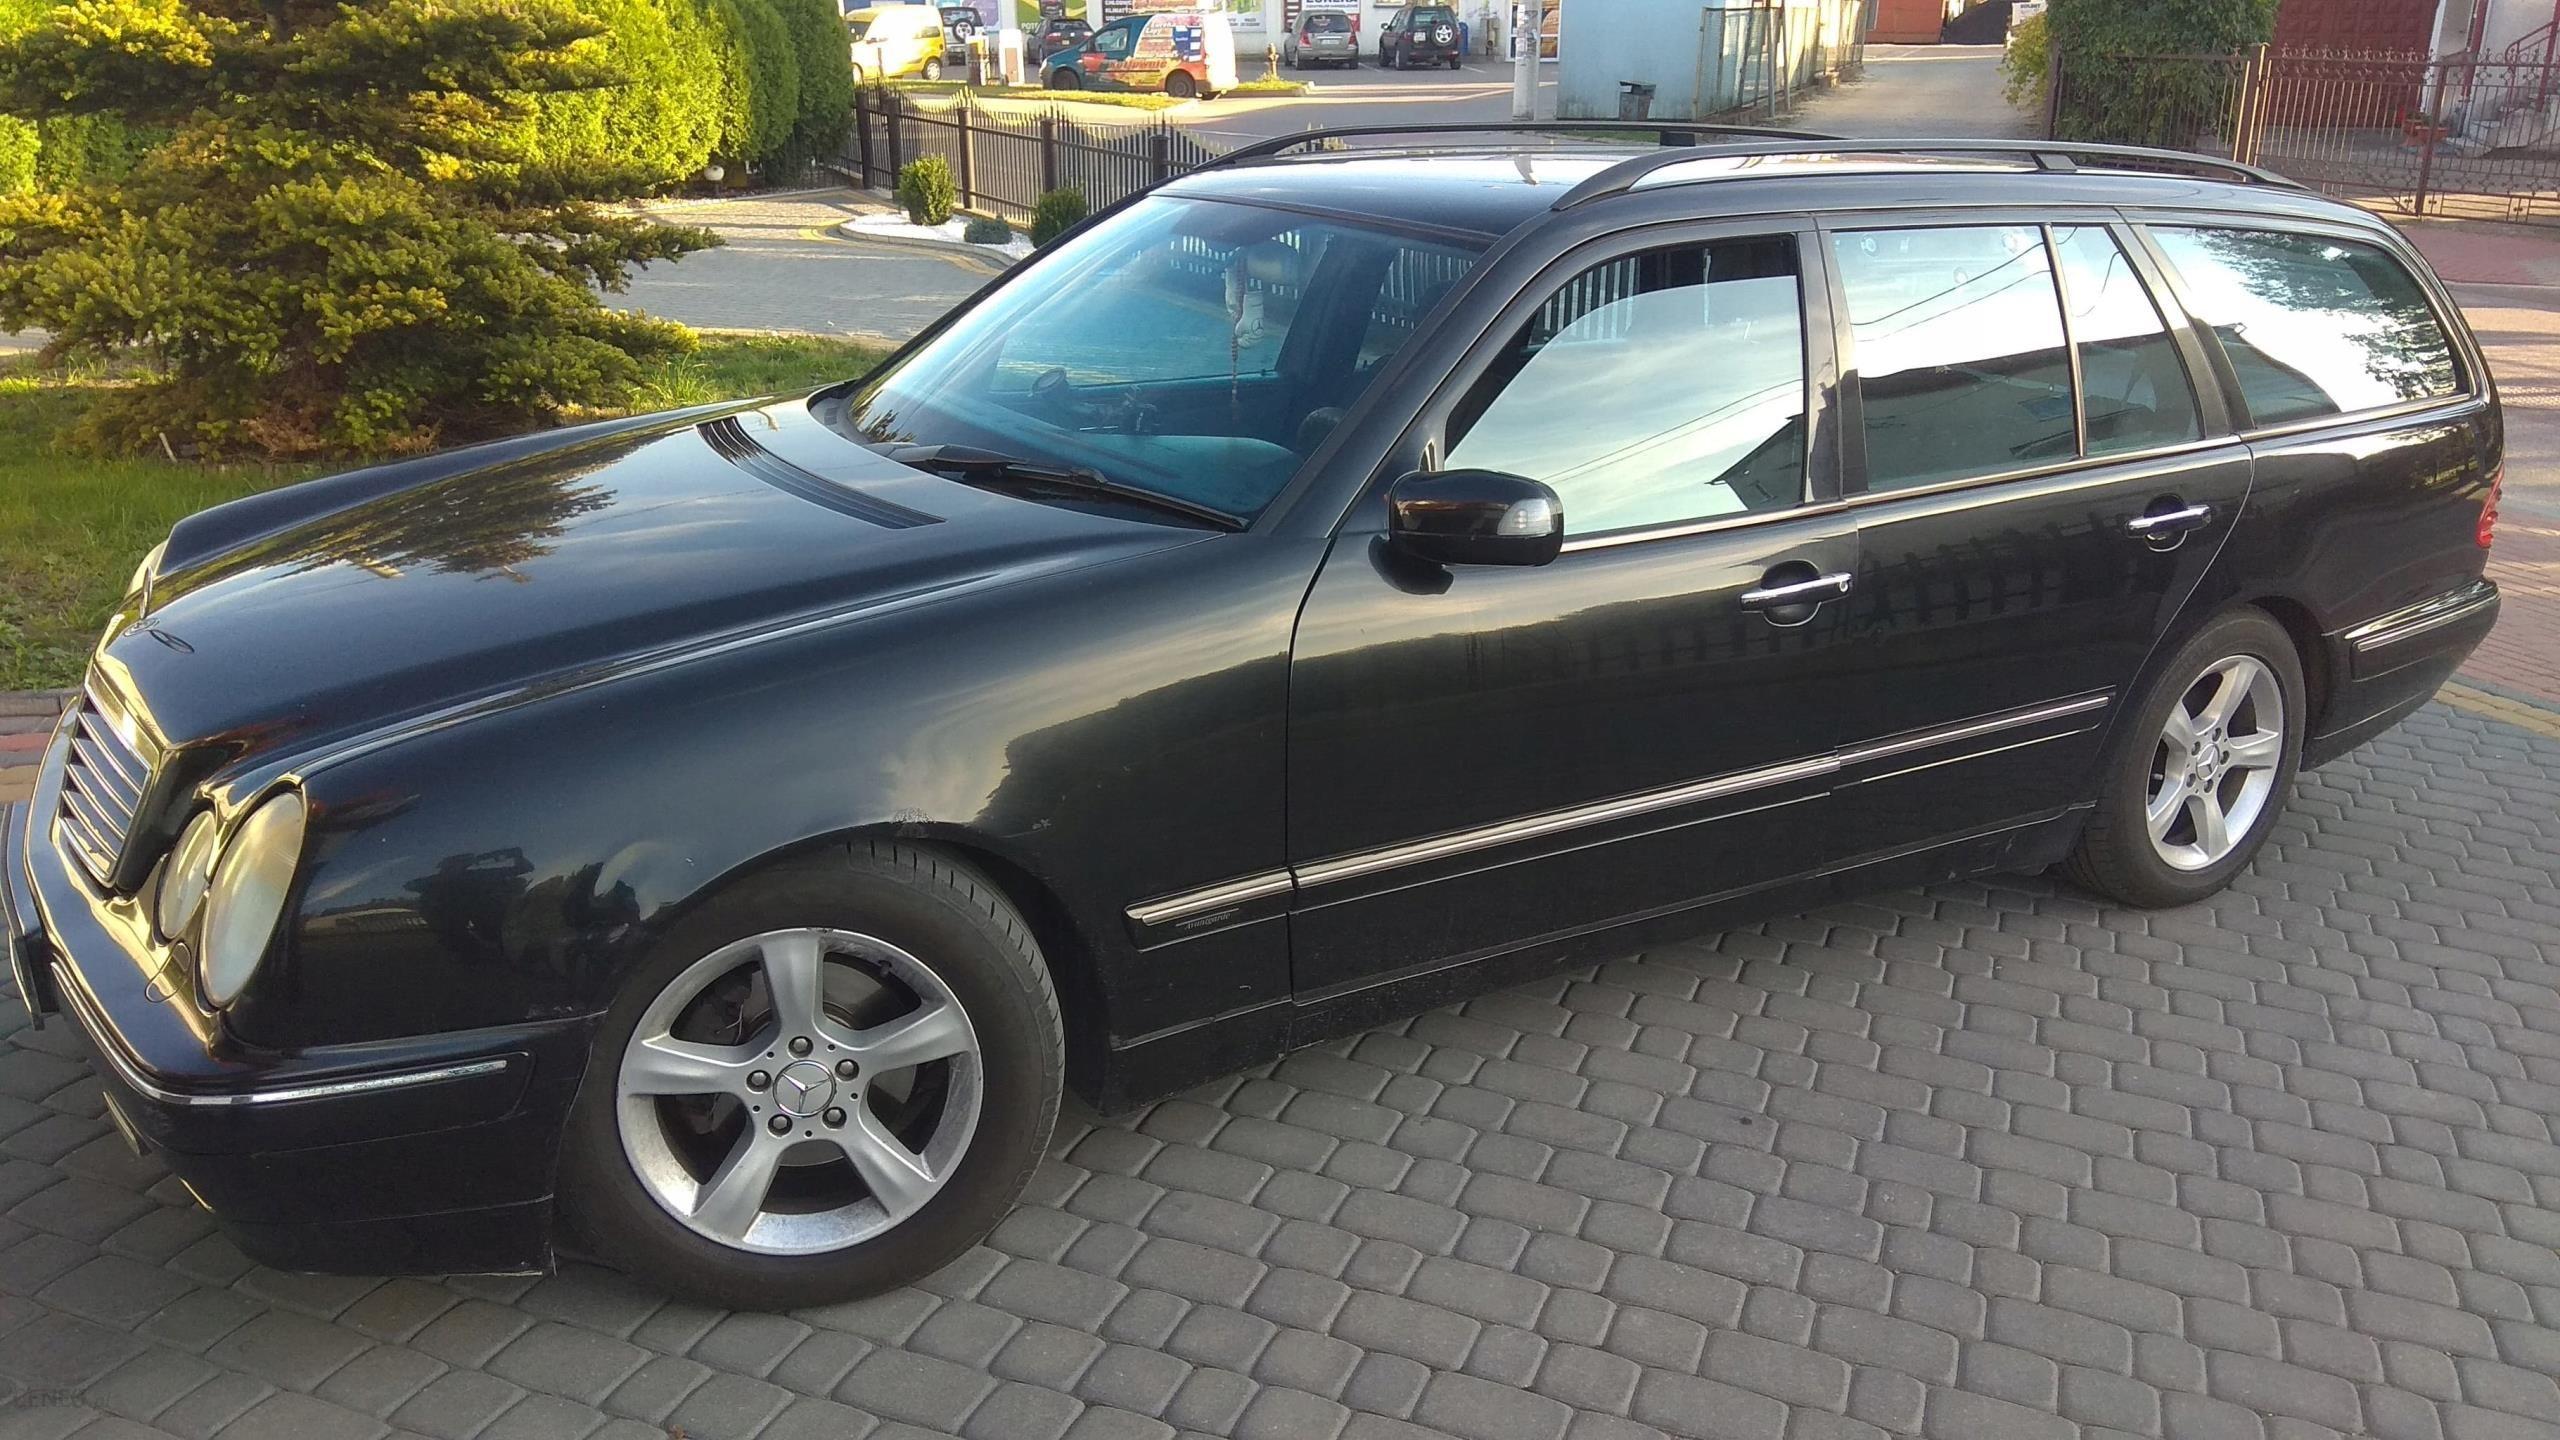 Mercedes E Klasa W210 2 2cdi Avantgarde 7 Osobowy Opinie I Ceny Na Ceneo Pl